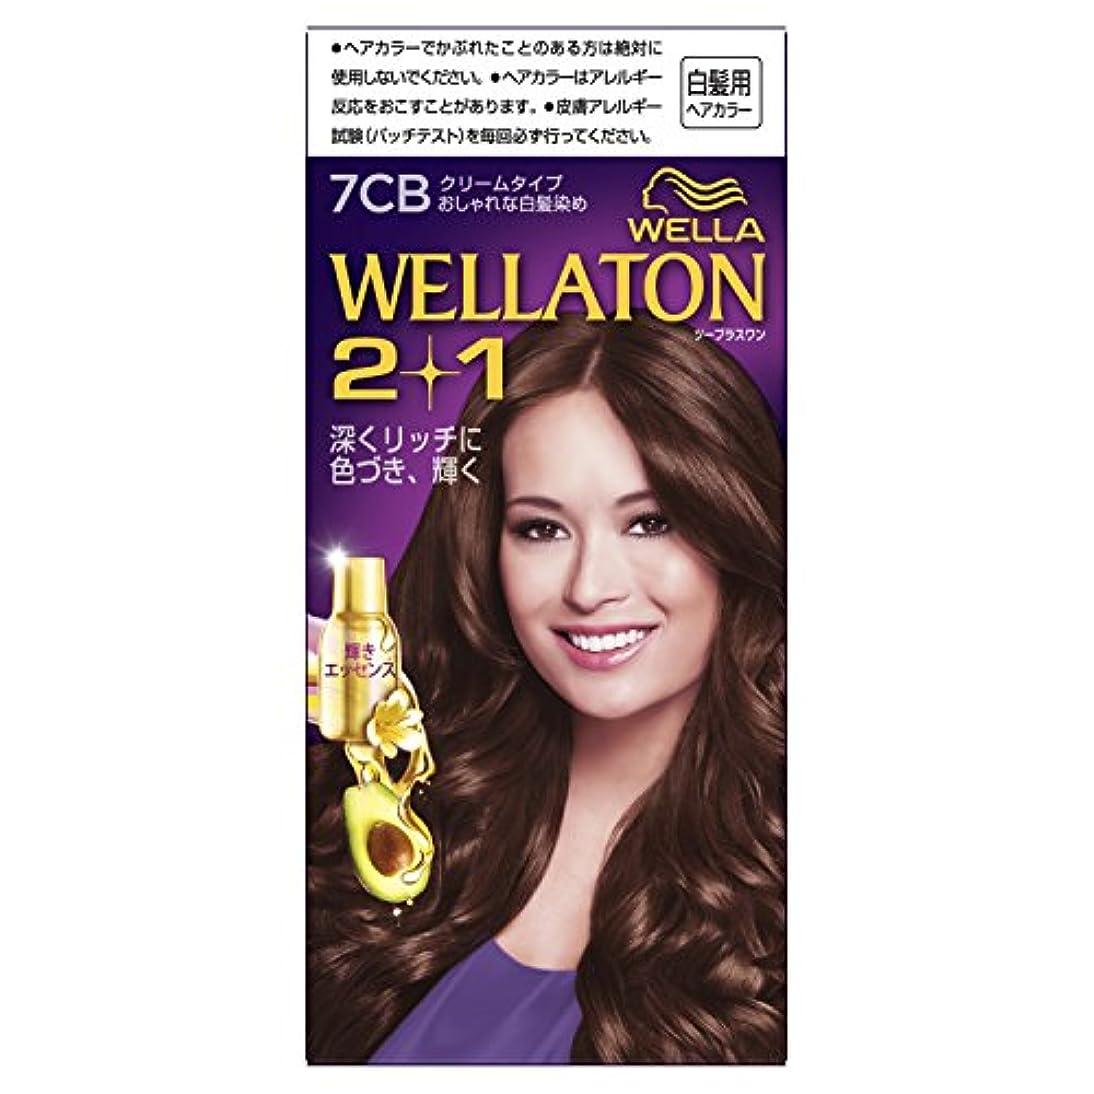 価格コンドームマインドウエラトーン2+1 クリームタイプ 7CB [医薬部外品](おしゃれな白髪染め)